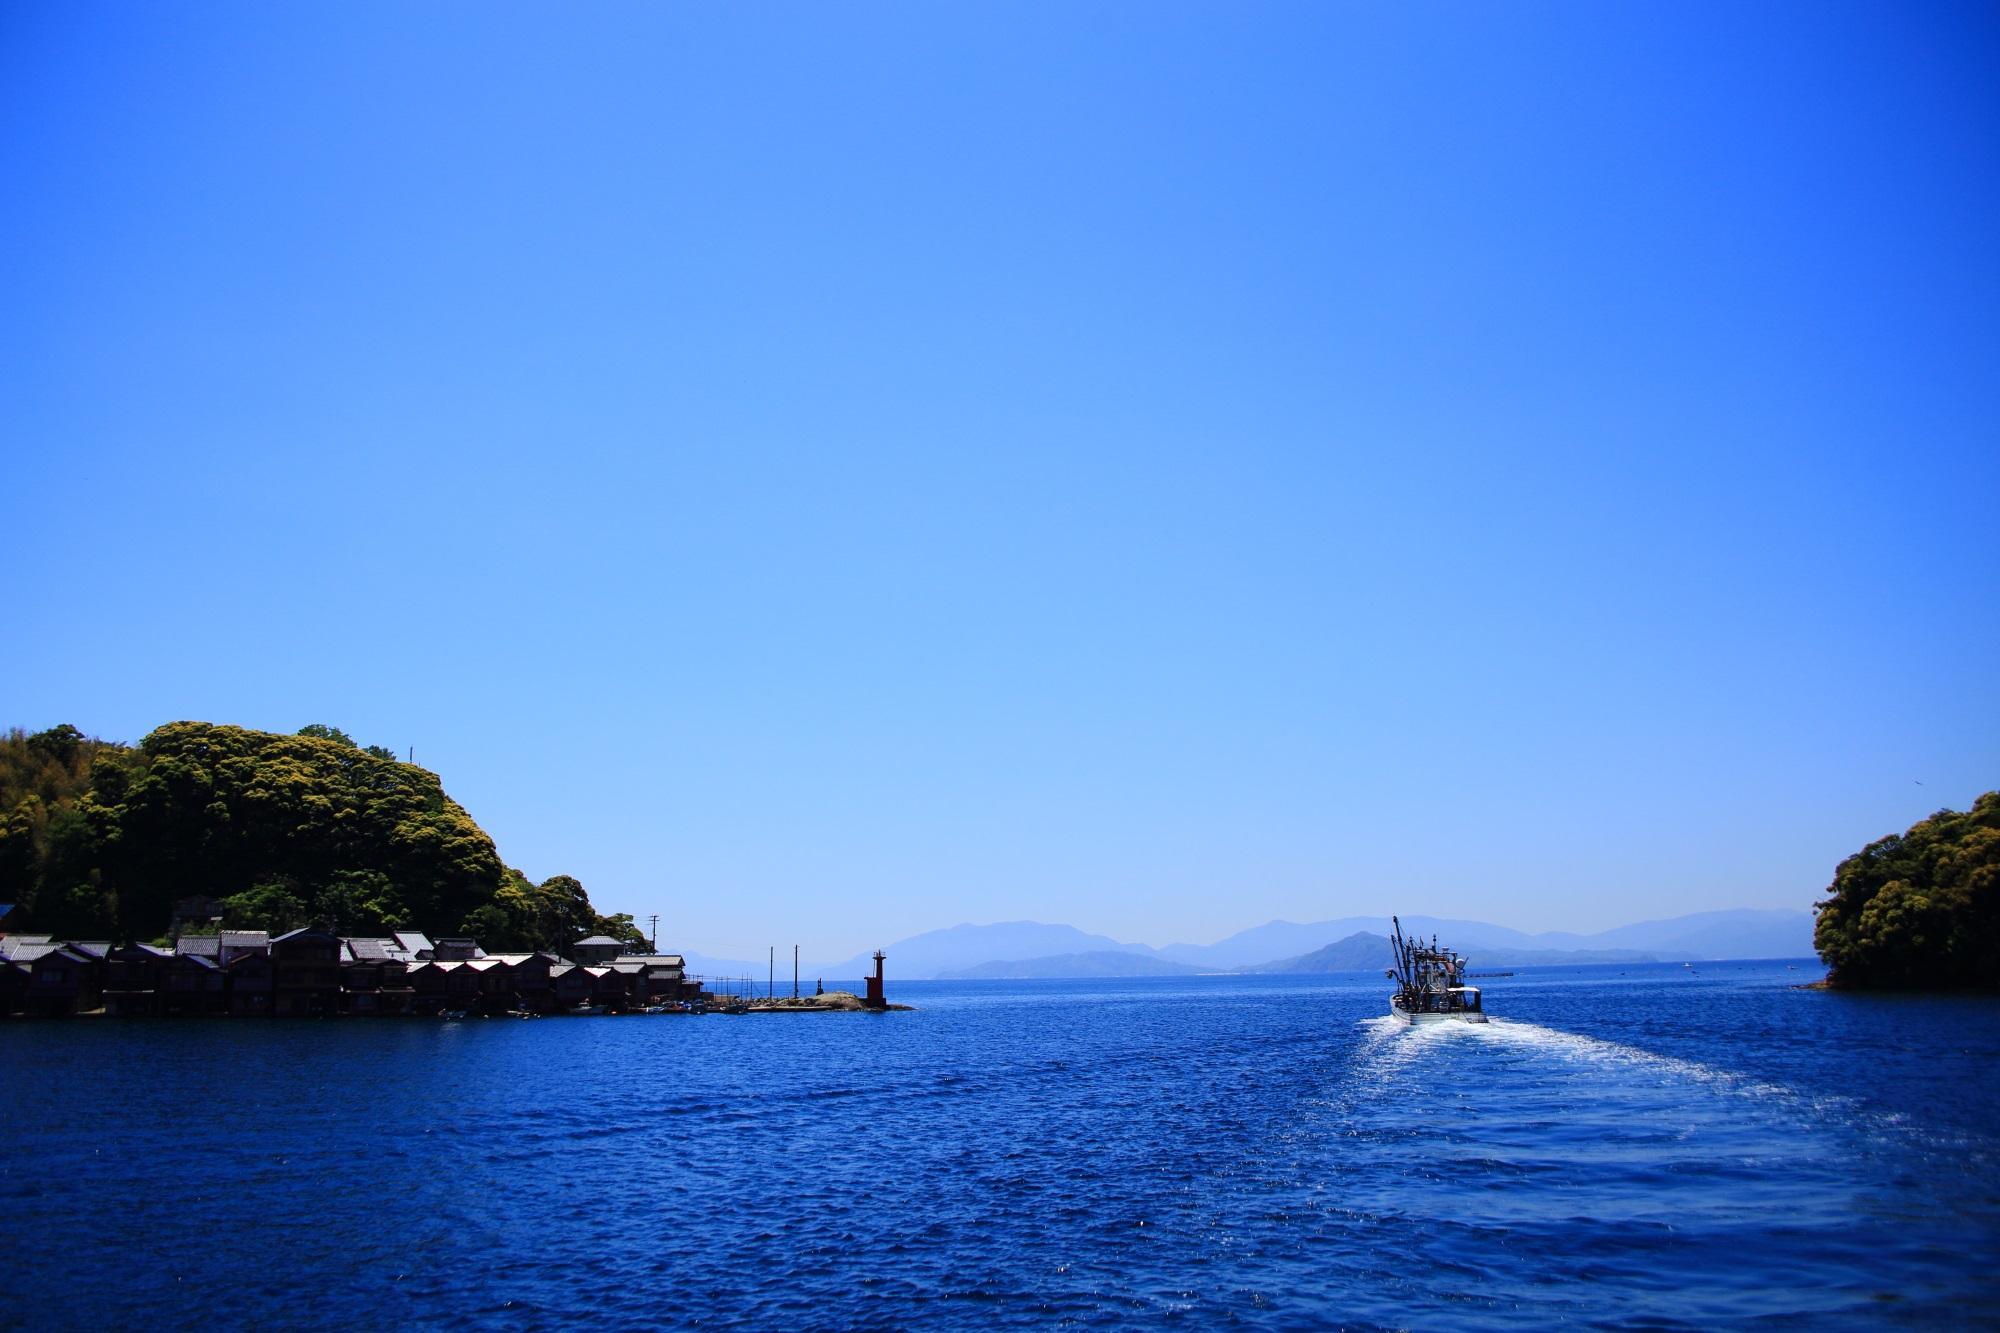 伊根湾から大きな海へ出航していく漁船